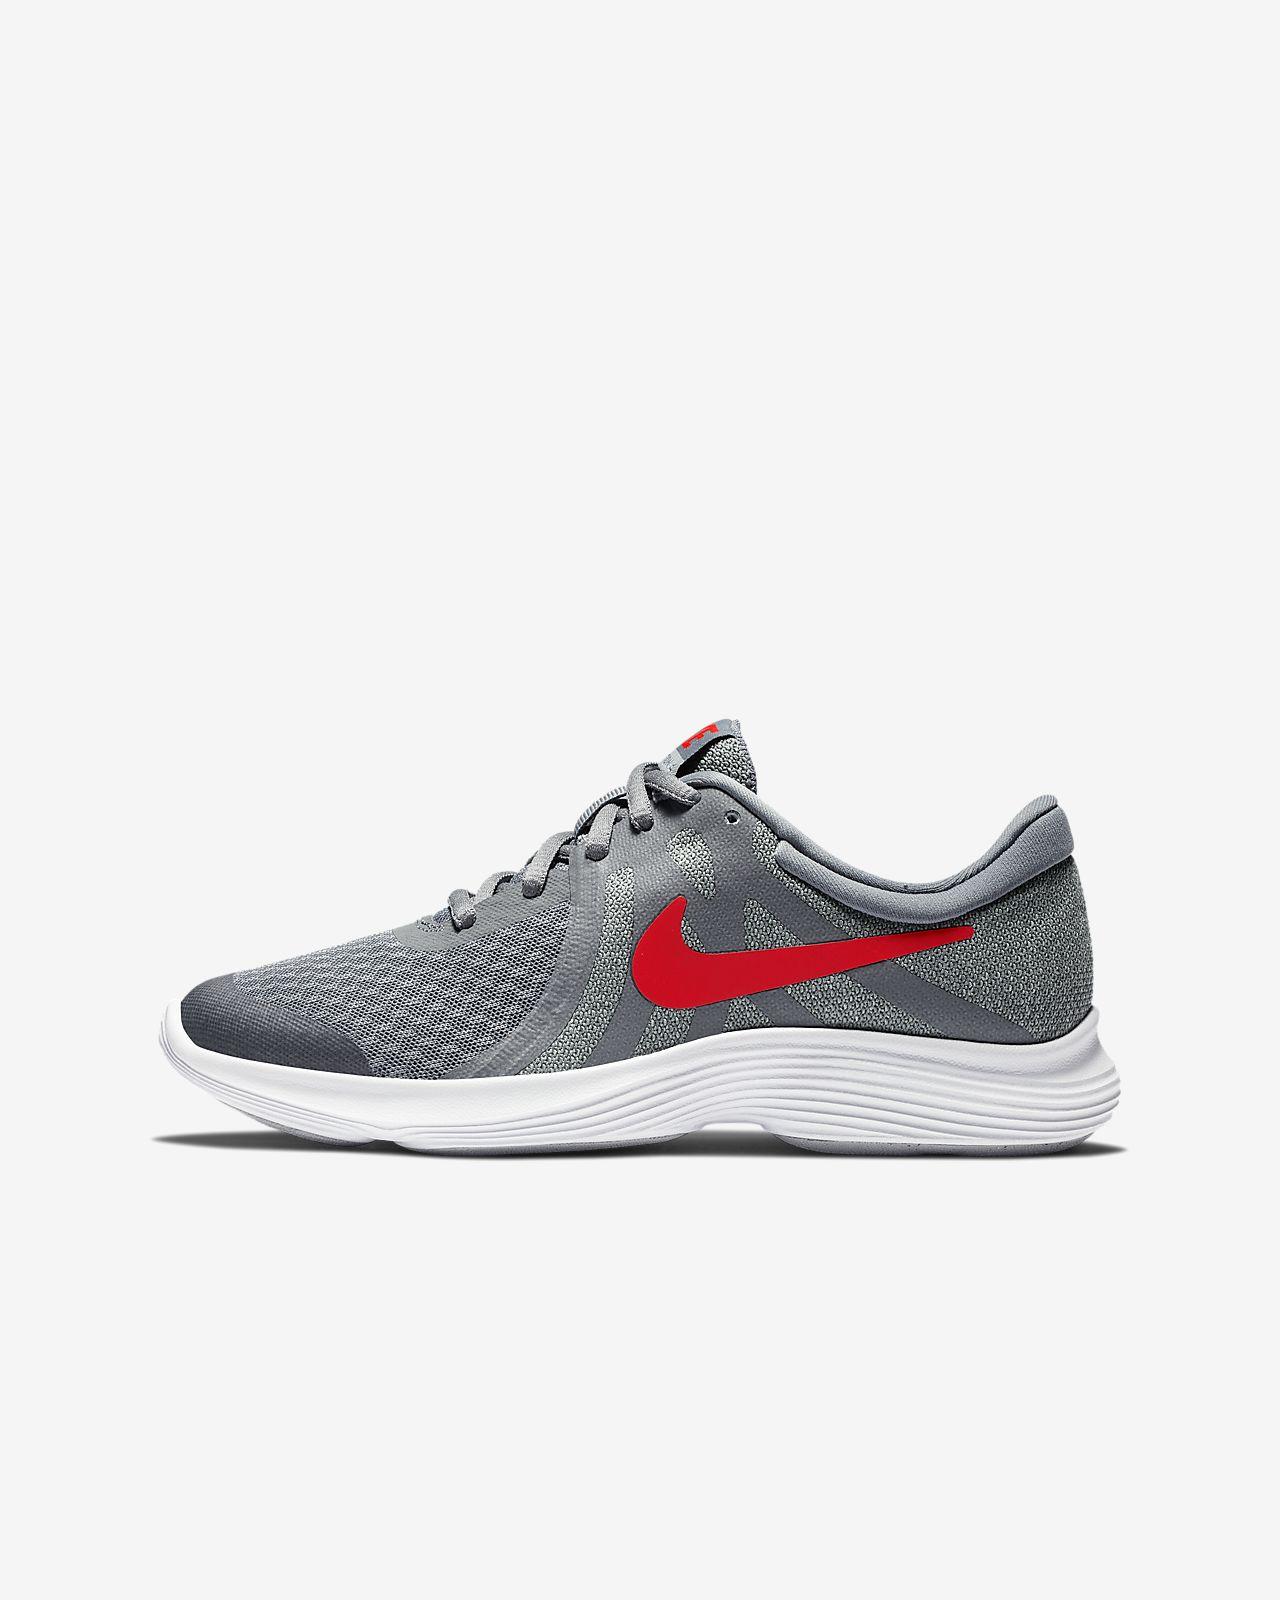 bb1c988b345 ... best price nike revolution 4 older kids running shoe d50b4 7e4d9